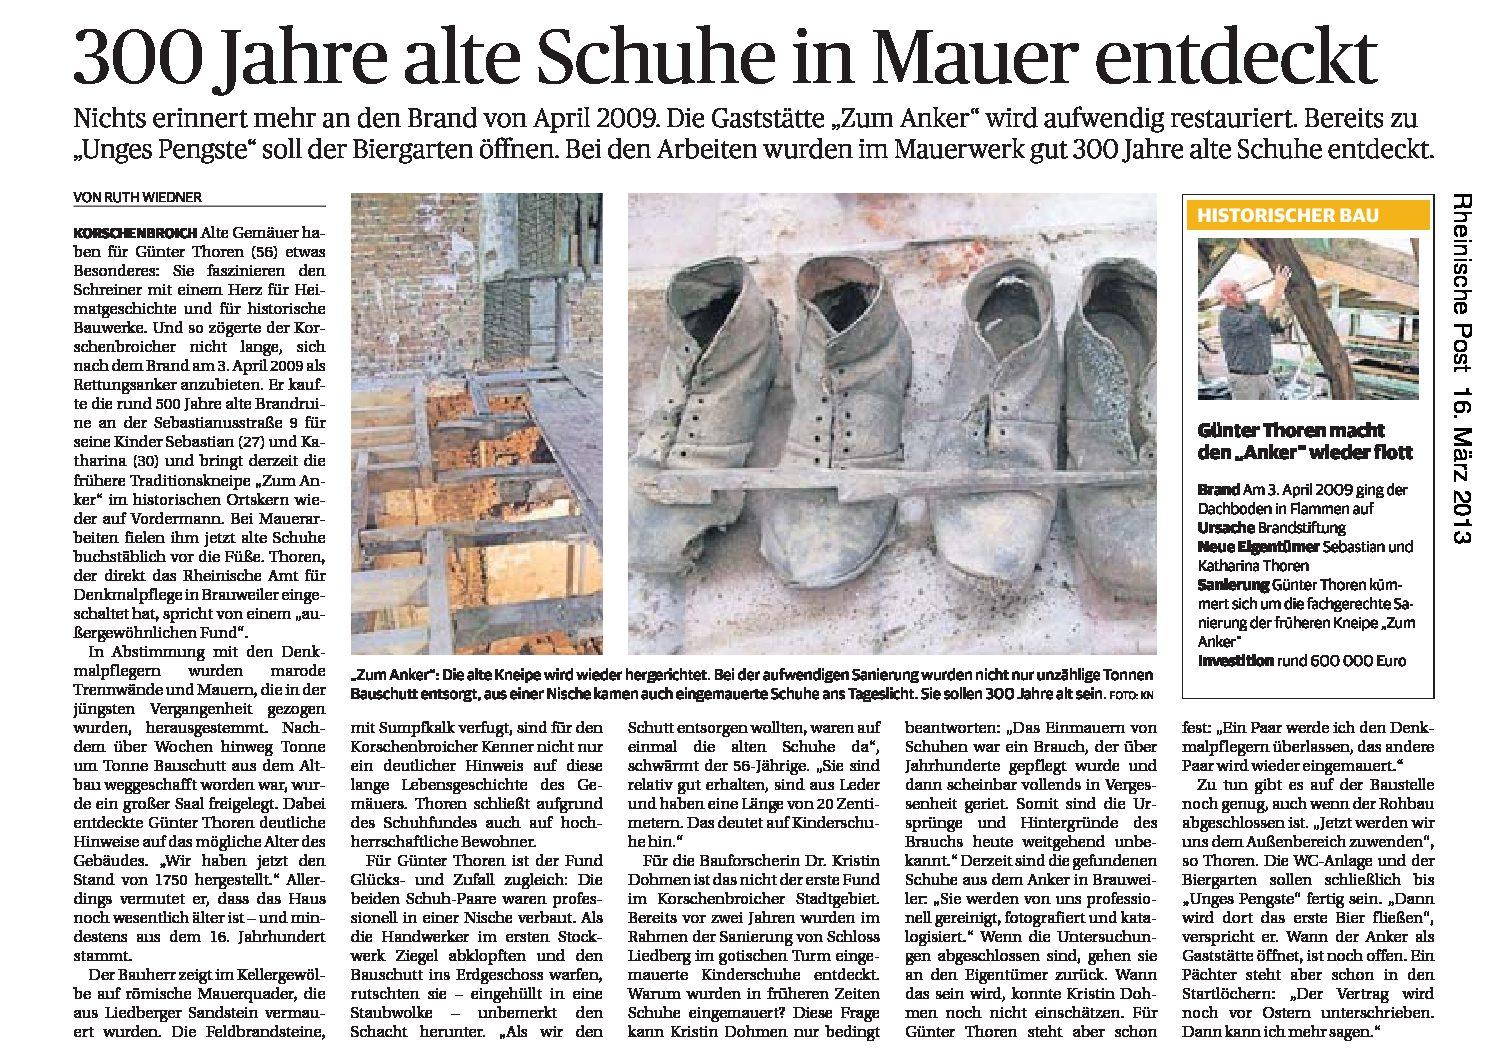 Schuhe in Mauer entdeckt